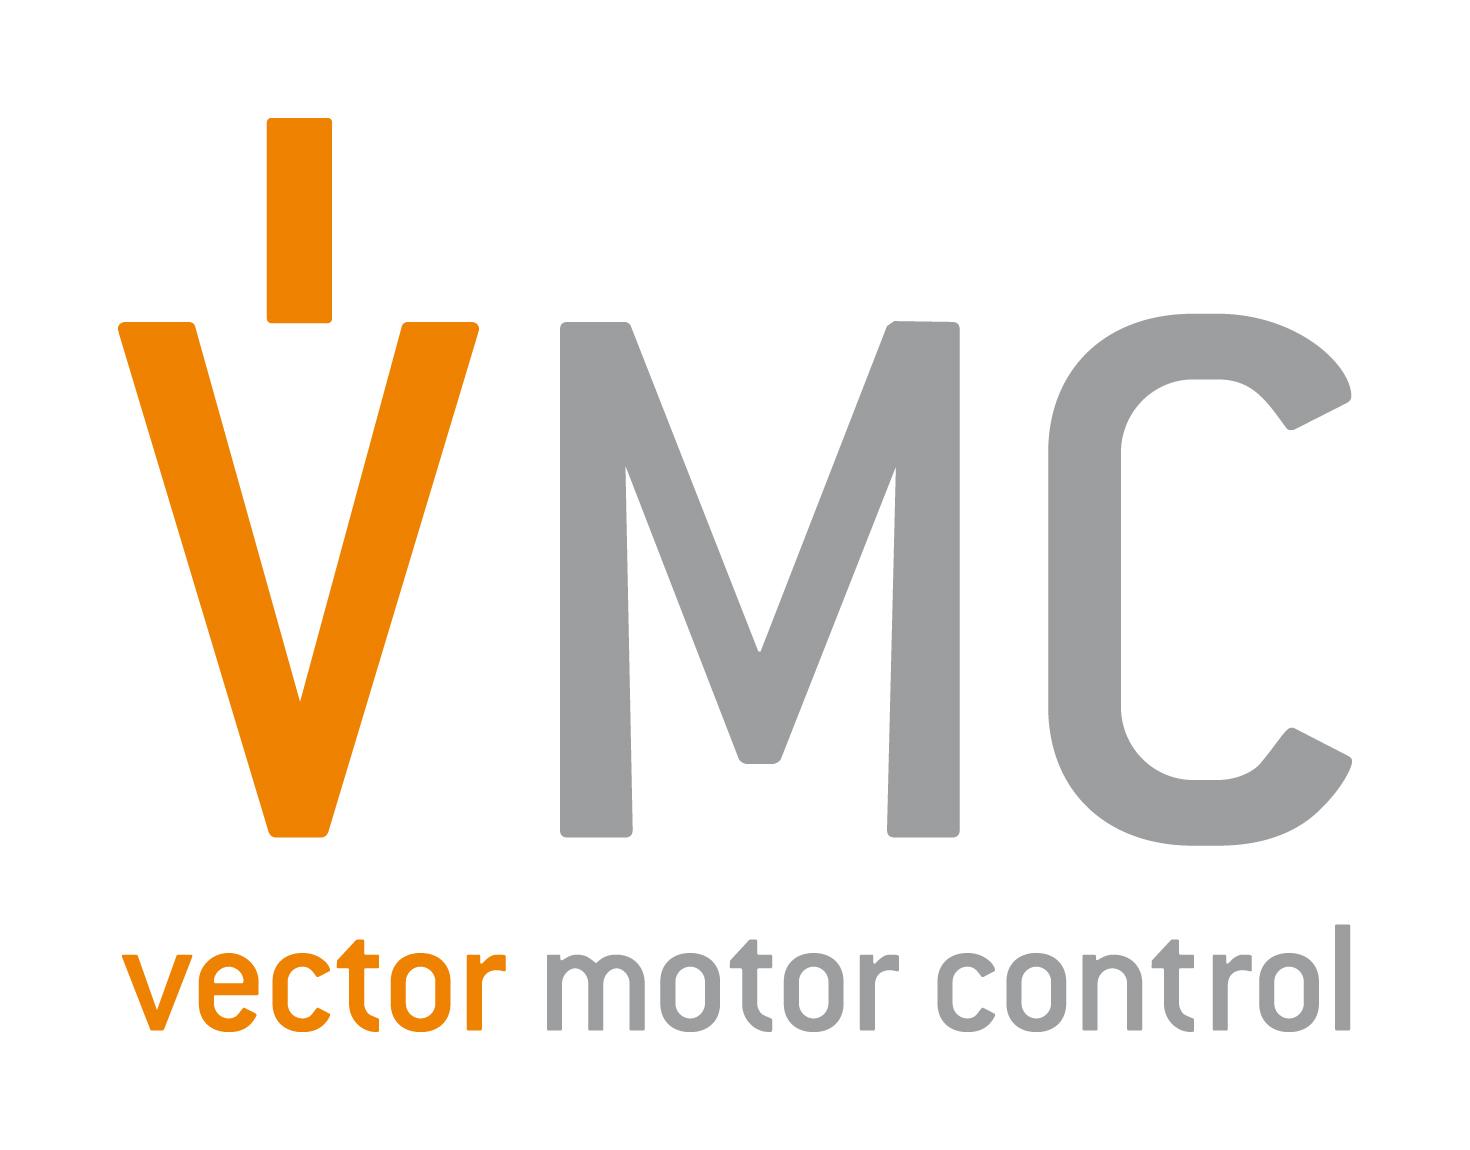 VECTOR MOTOR CONTROL IBÈRICA (VMC)